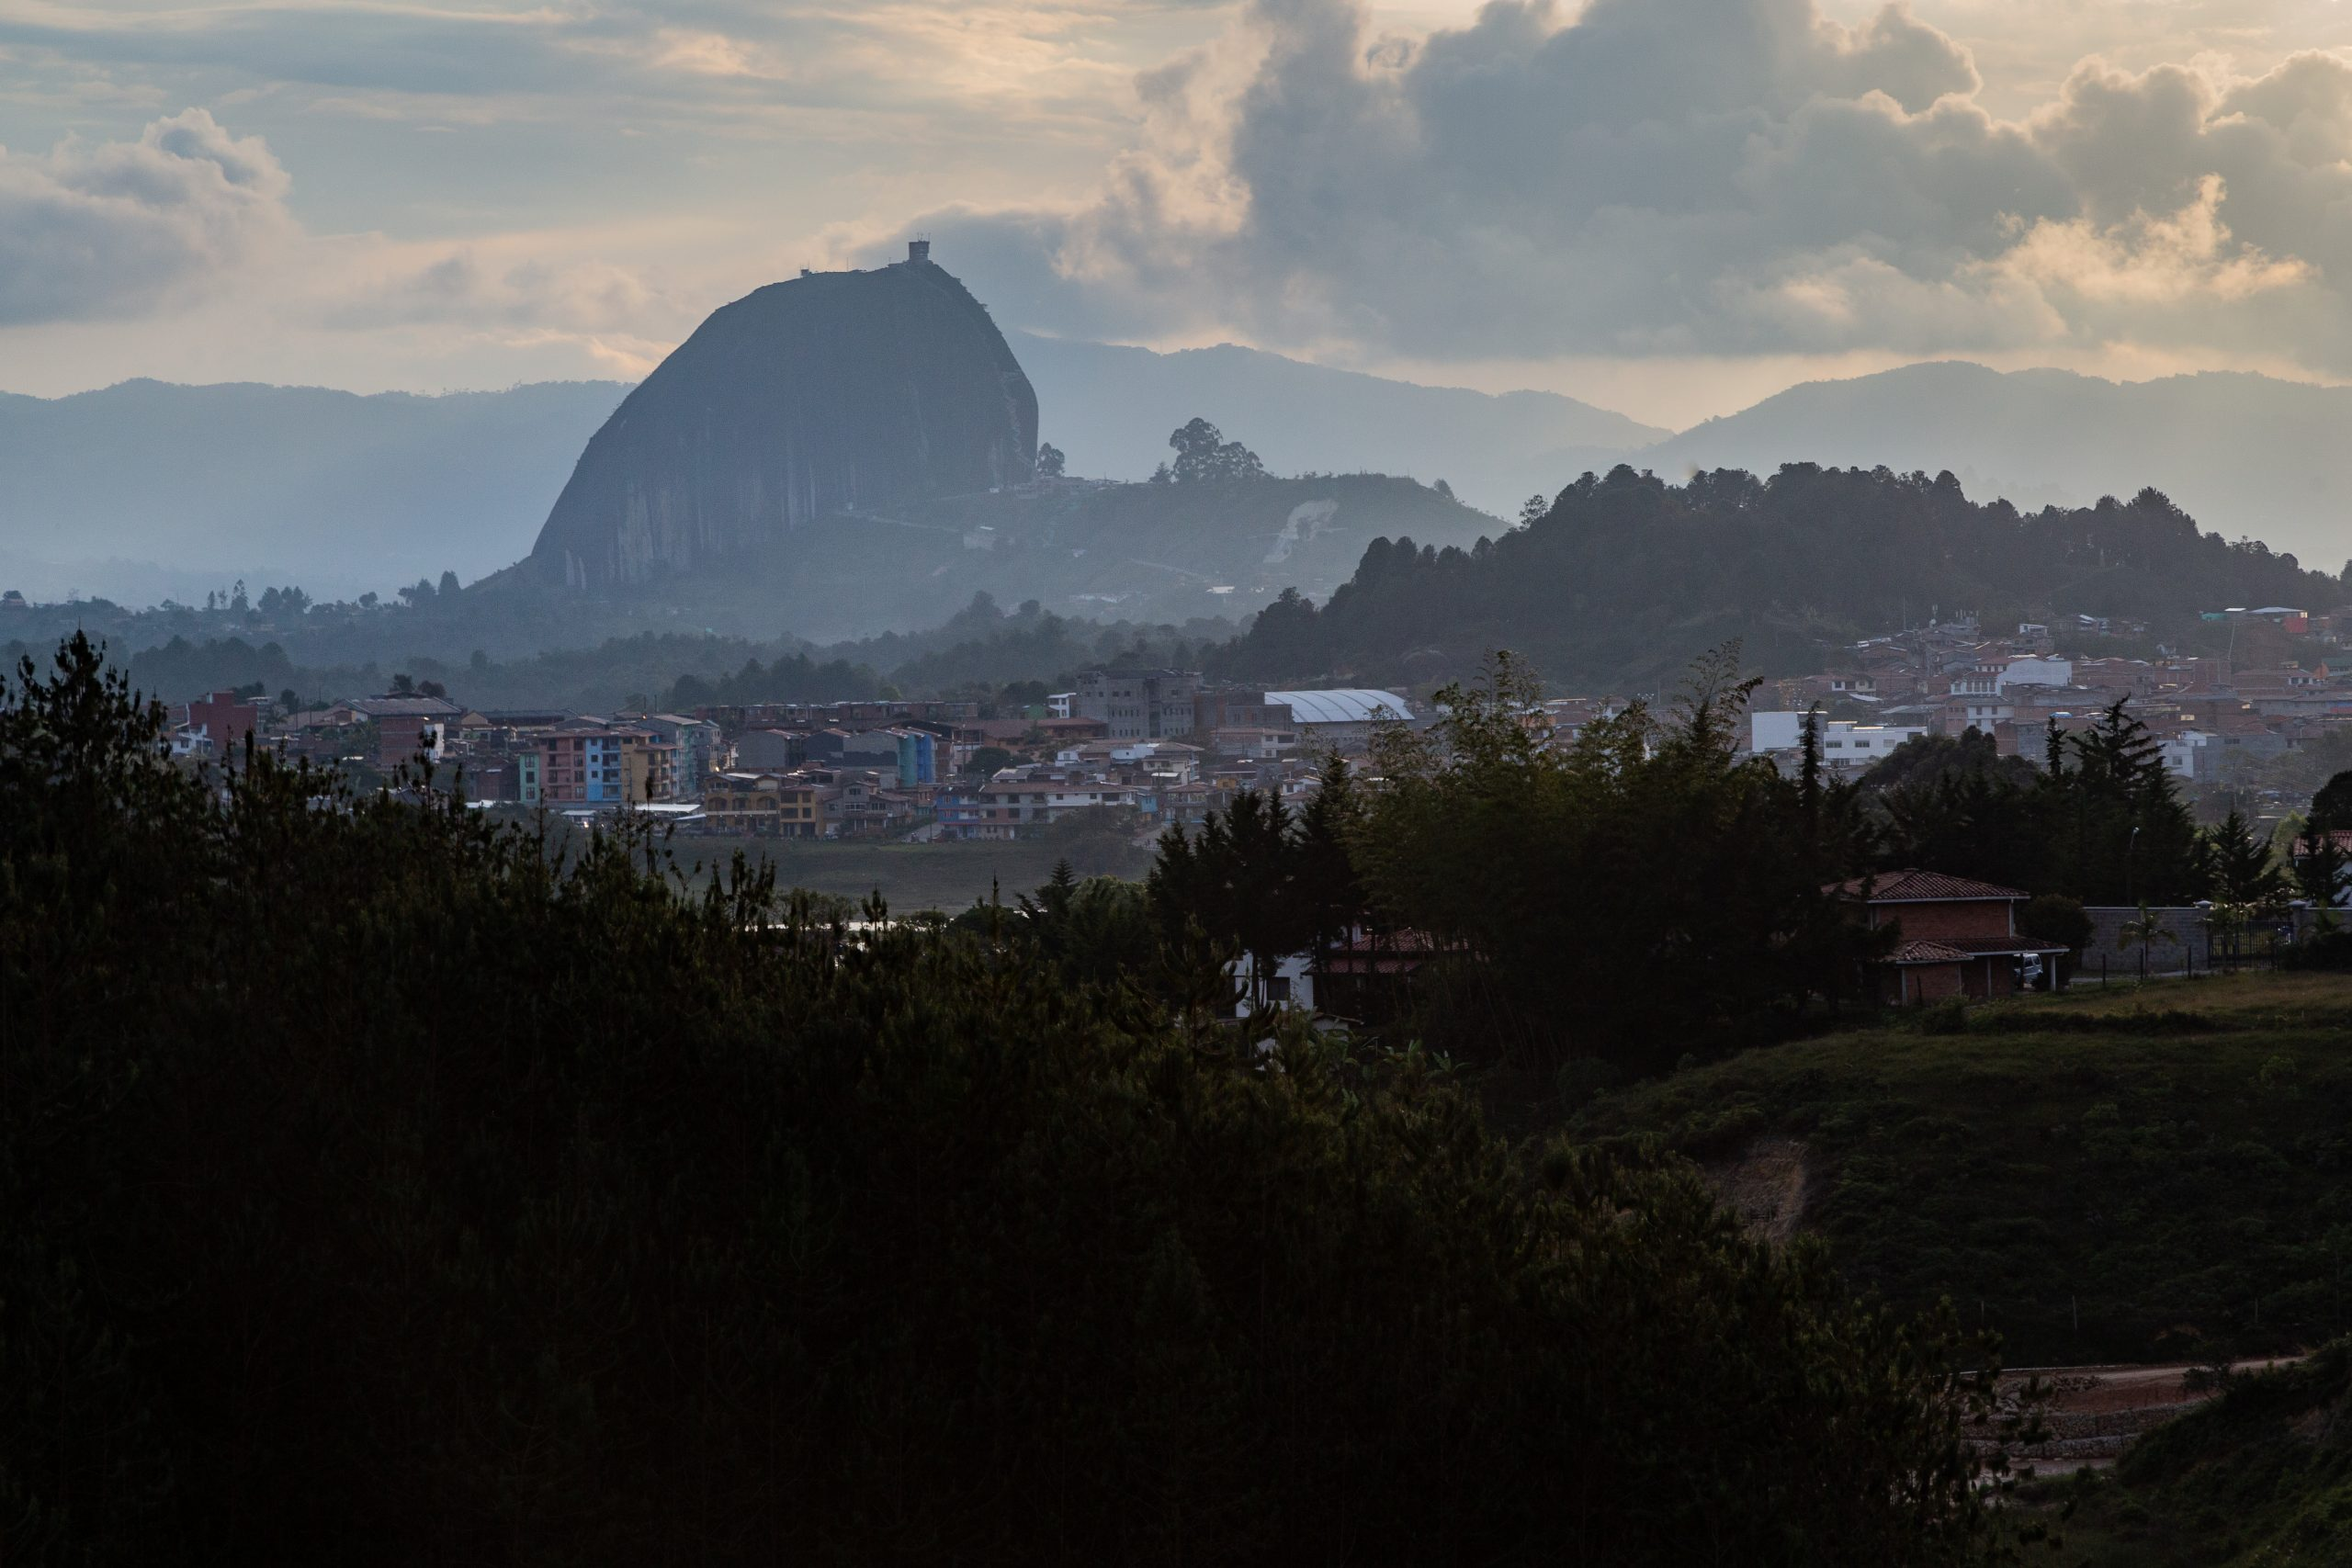 El Peñón de Guatapé (Piedra del Peñol)